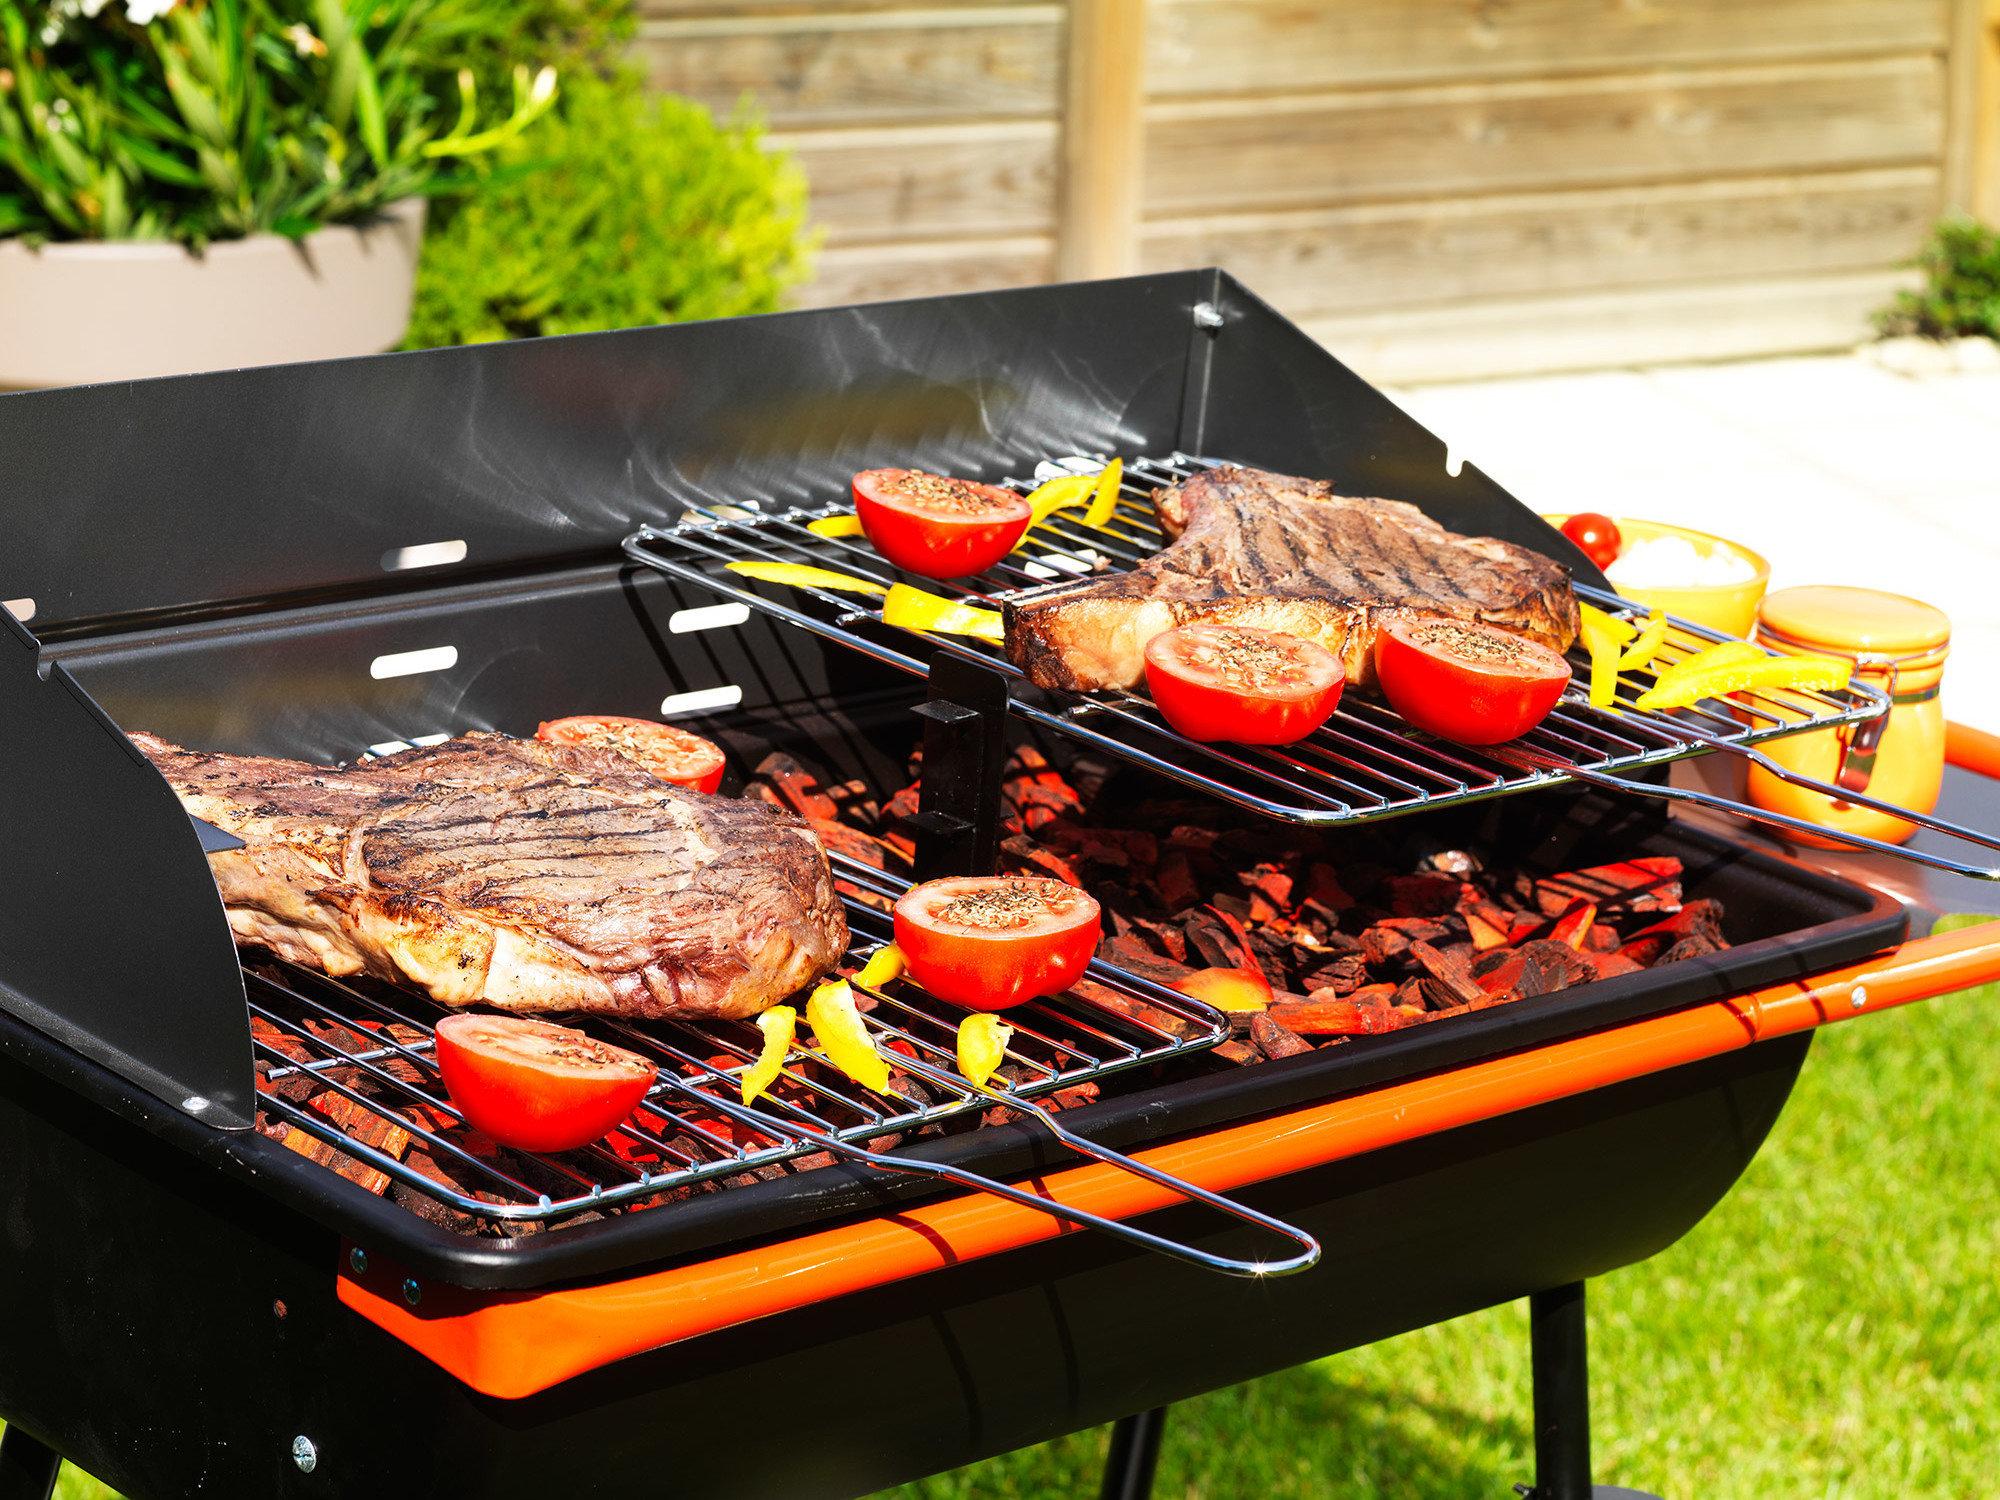 Barbecue A Gaz Ou Electrique barbecue / comparatif meilleur barbecue charbon & gaz